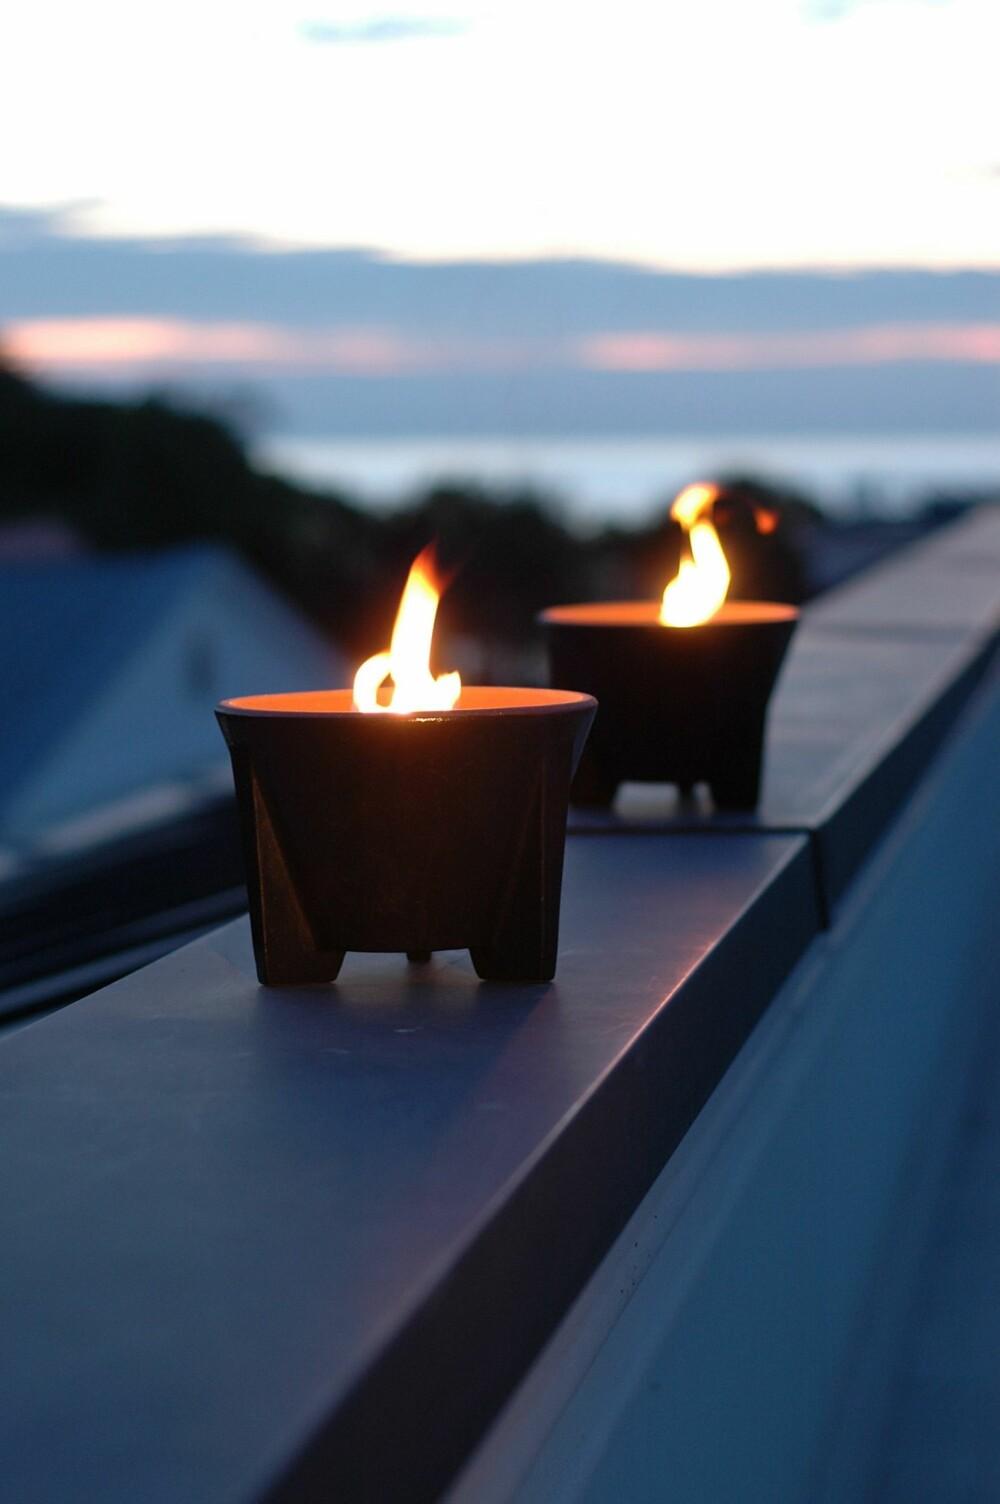 FYR OPP STUMPENE: Den smarte brenneren Marschall Outdoor fra Vinnaljus gjør det mulig å utnytte energien i stearinrester det ellers er vanskelig å brenne opp. Ved å plassere restene ved siden av flammen, smelter stearinen og blir til ny brensel. Veken ender opp i bunnen av krukken, kr 1330, norrgavel.no.